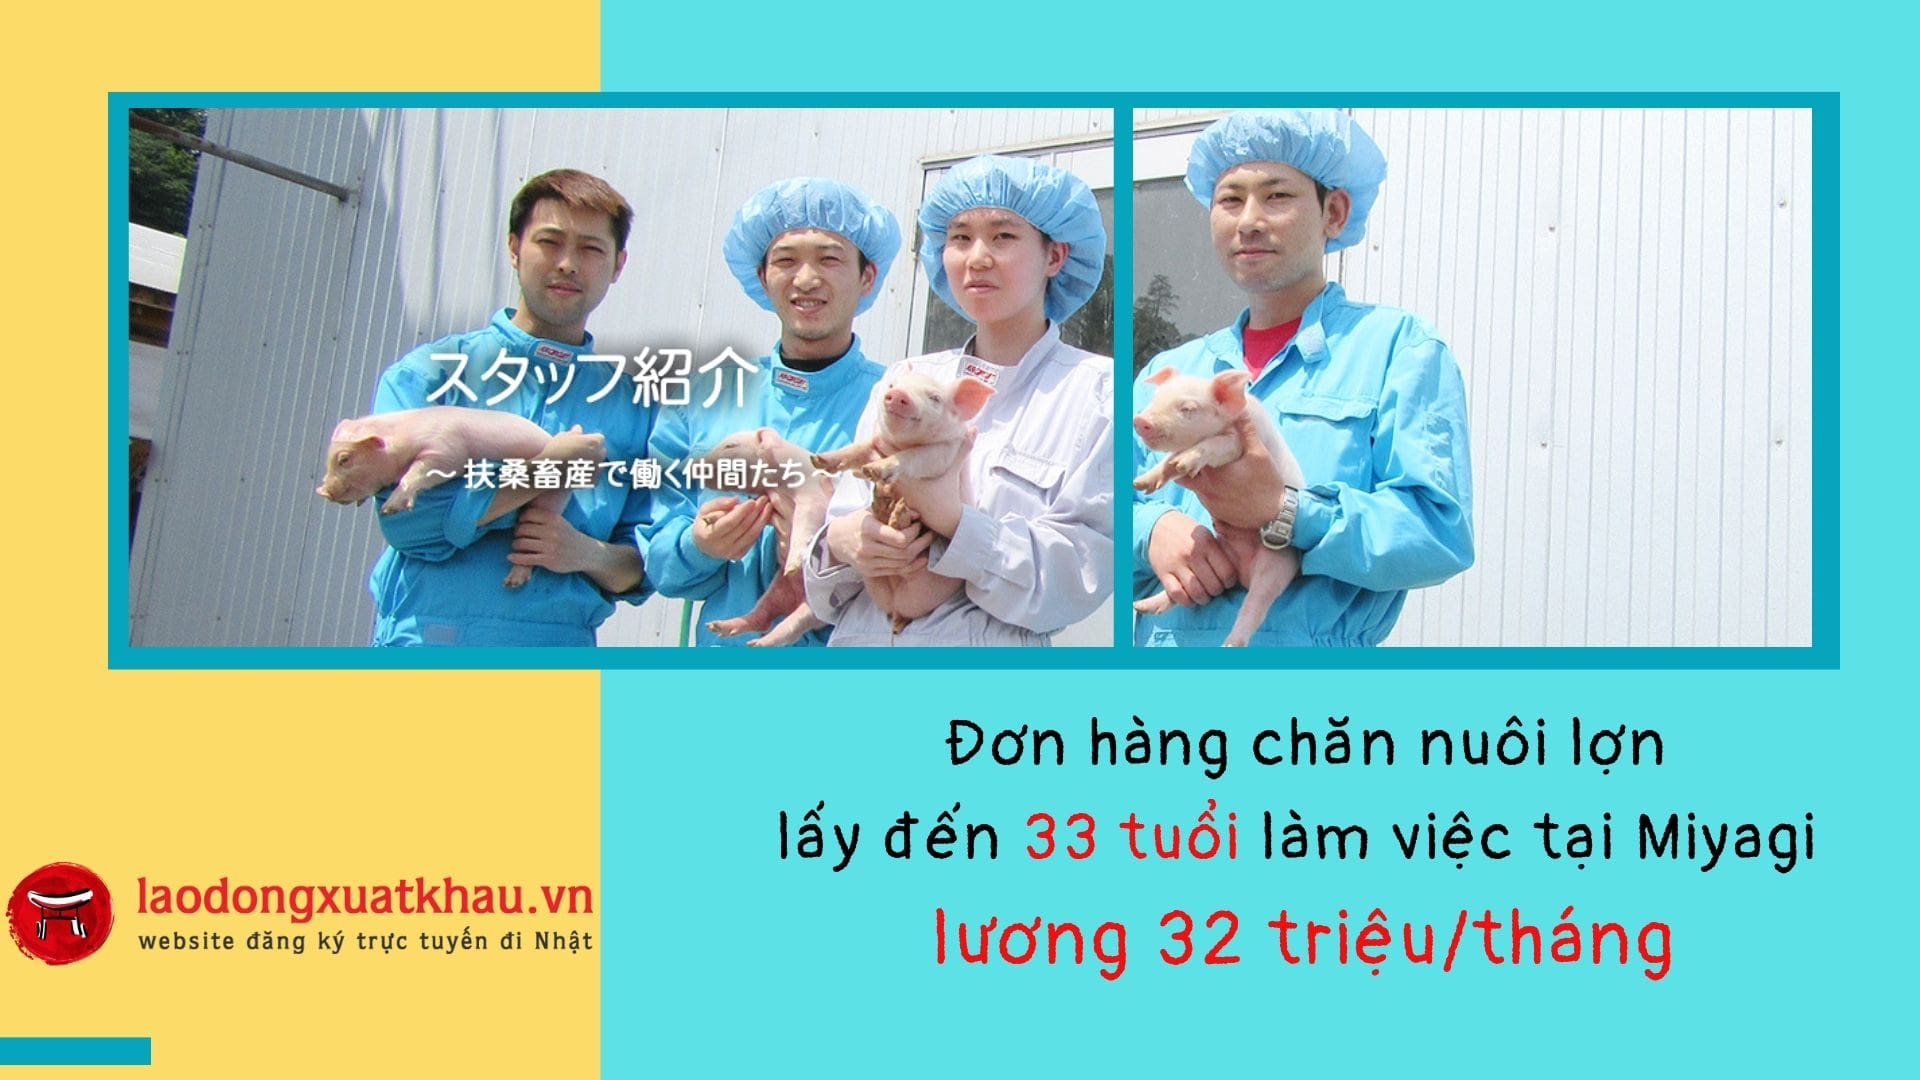 Đơn hàng chăn nuôi lợn lấy đến 33 tuổi, lương 32 triệu/tháng tại Miyagi